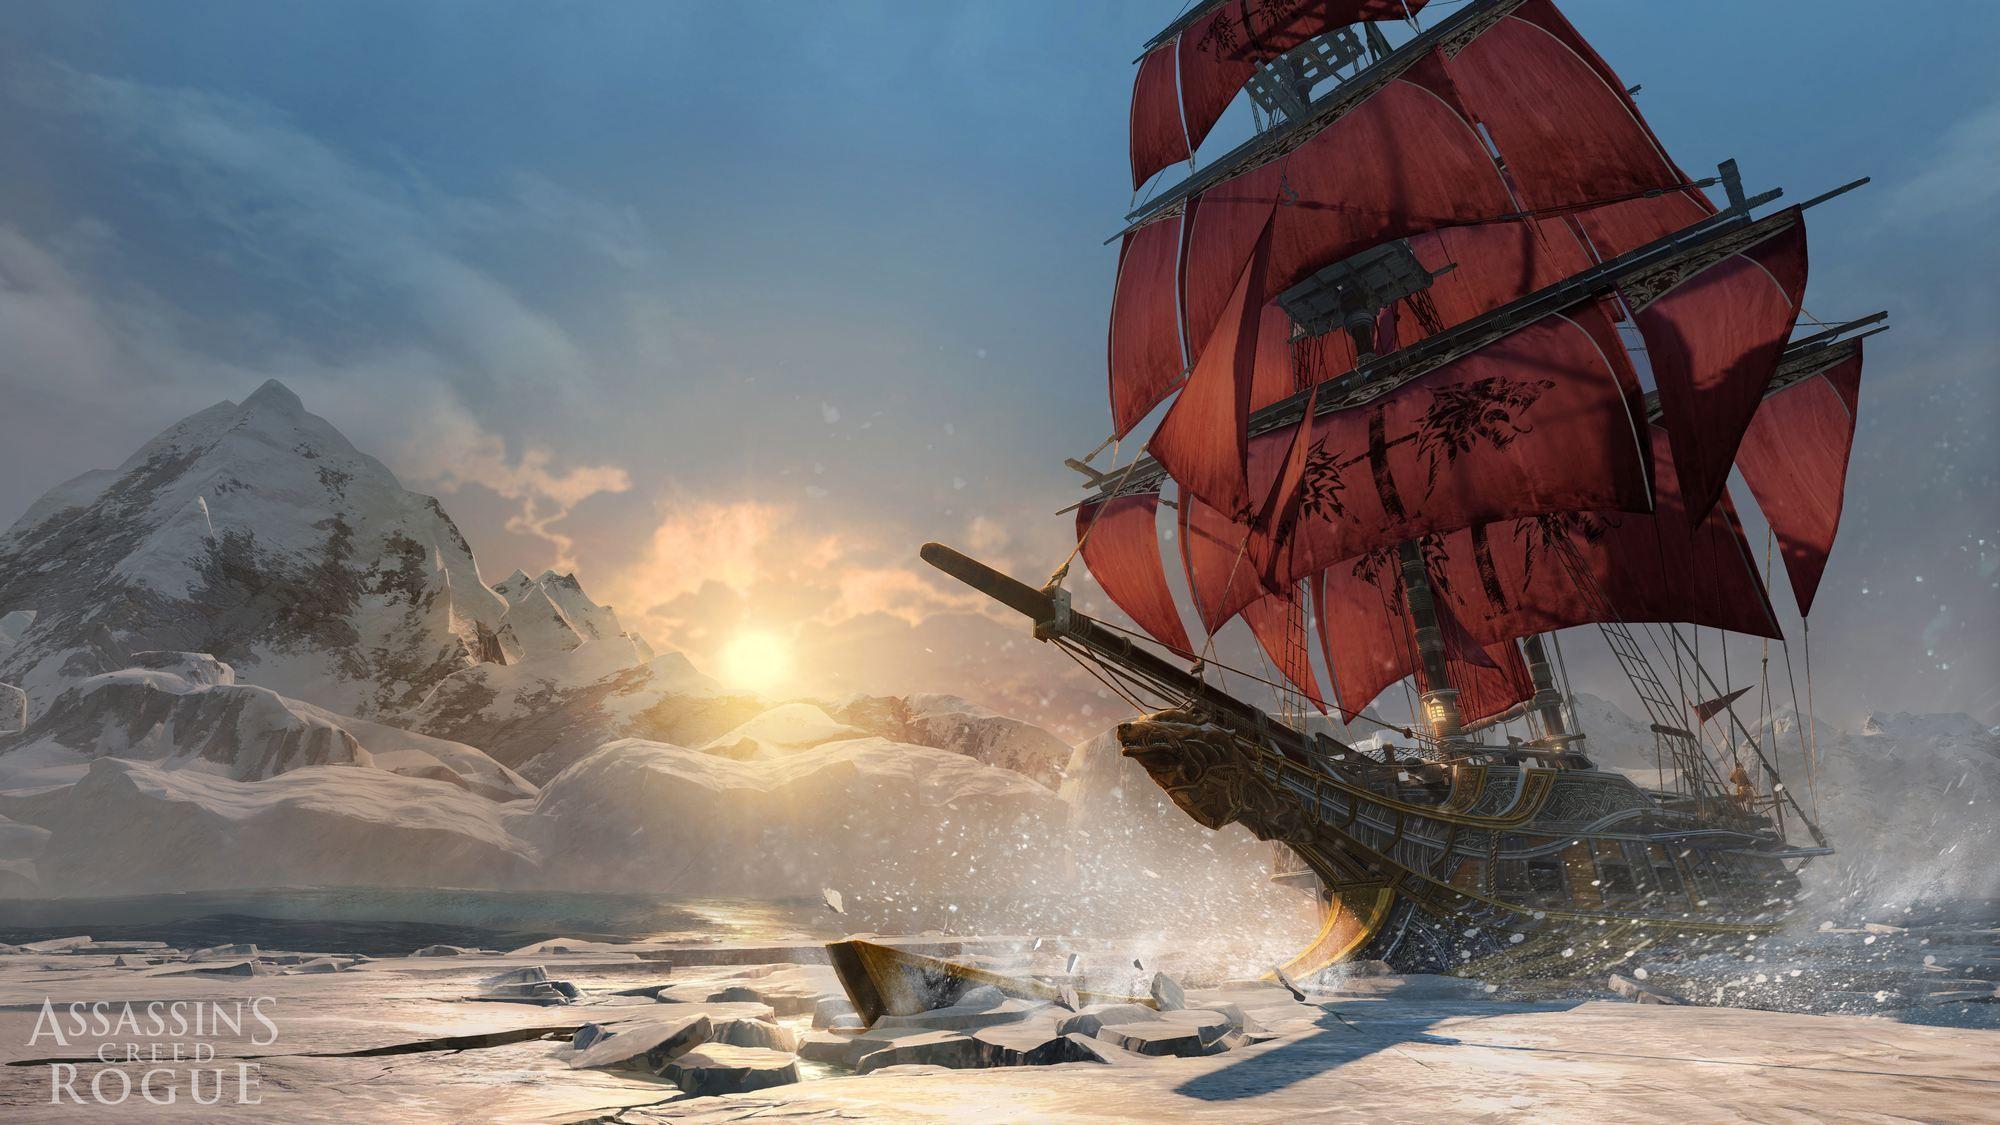 Assassin's Creed Rogue - Essentials (PS3) - 7